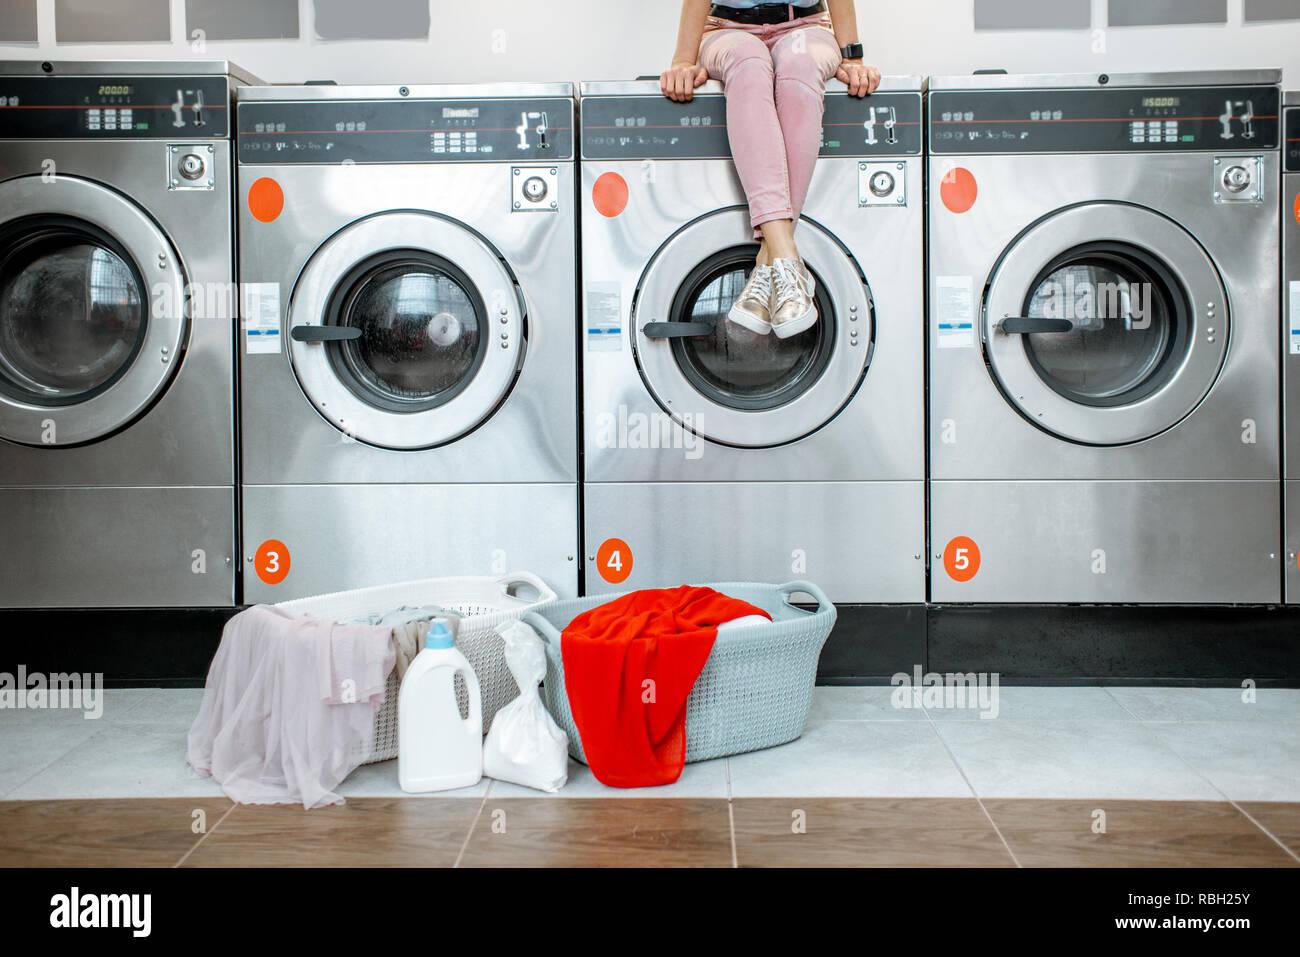 2f9835b4c058f Mujer sentada en la lavadora esperando el lavado en la lavandería de  autoservicio con cestas llenas de ropa. Imagen recortada con ninguna cara